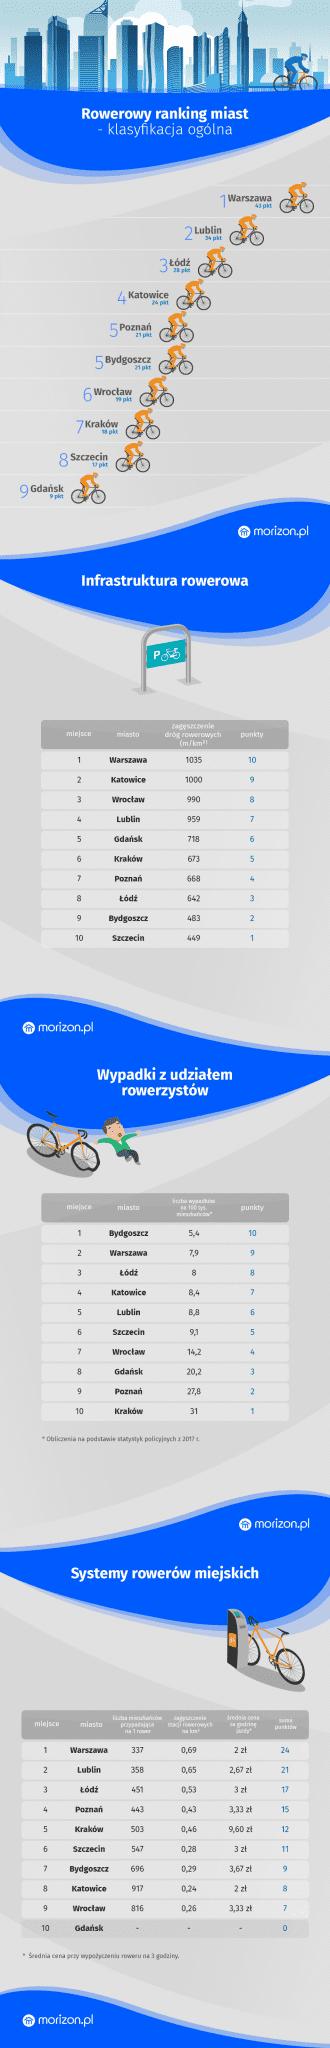 5. infografika - rowerowy ranking miast